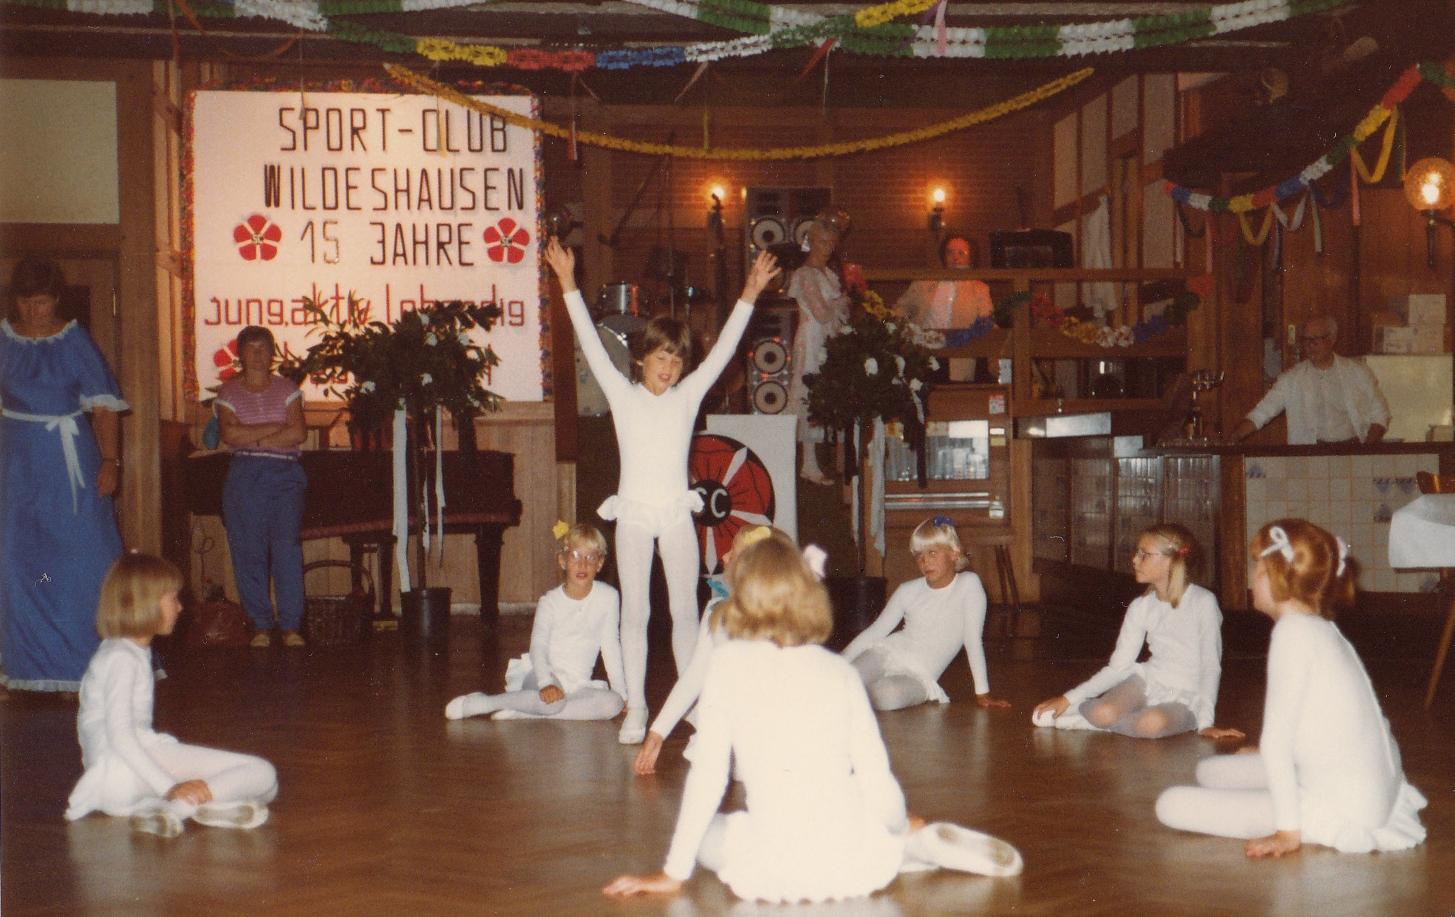 Ballett-Tanz bei Festball 15 Jahre SCW 1983